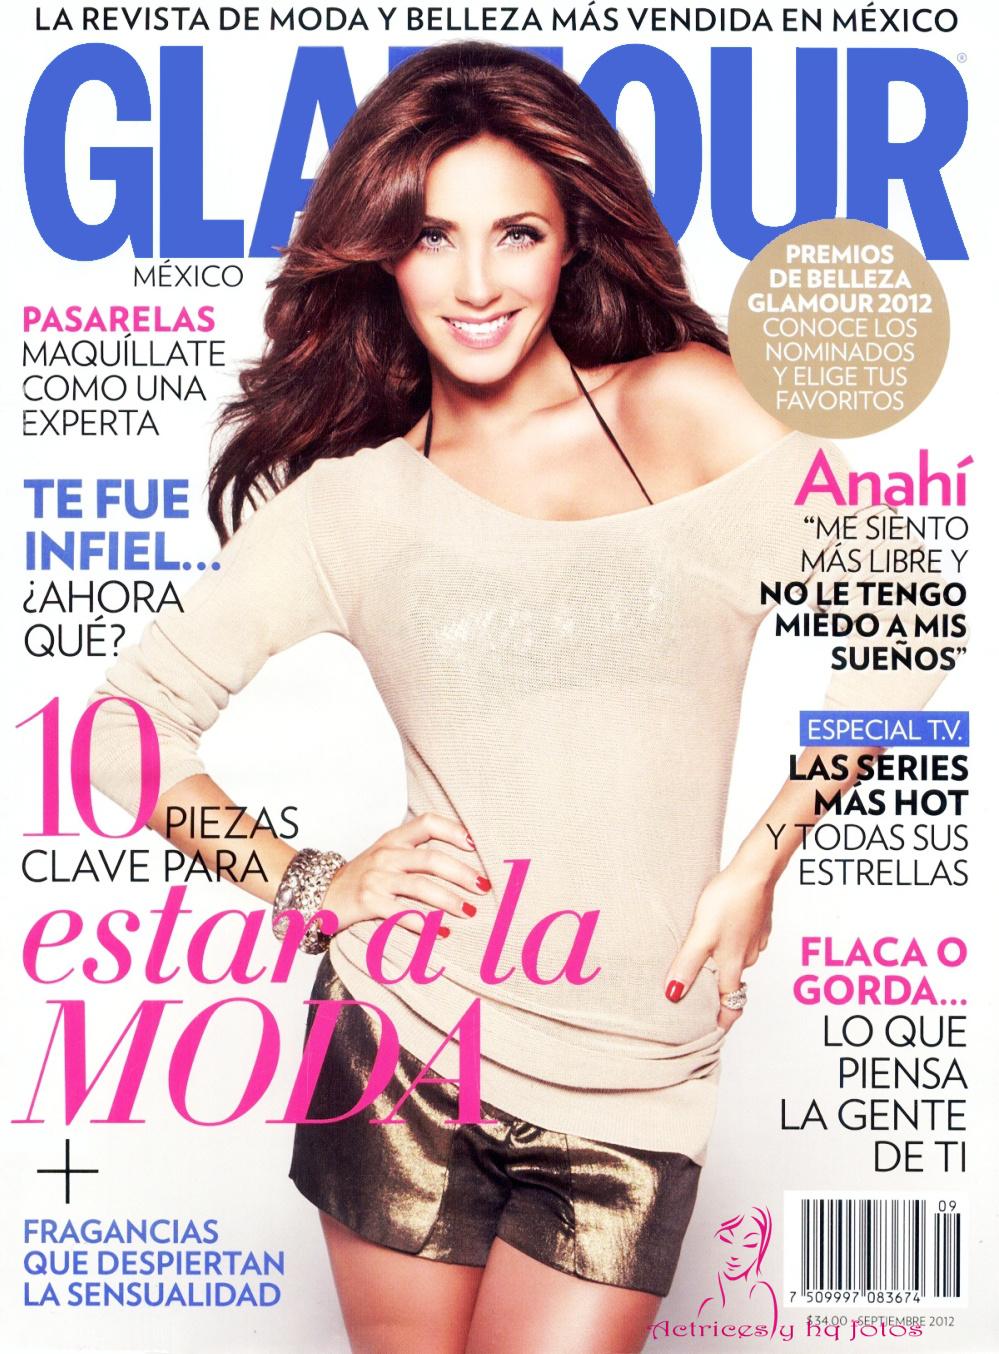 Ud Fashion Magazine